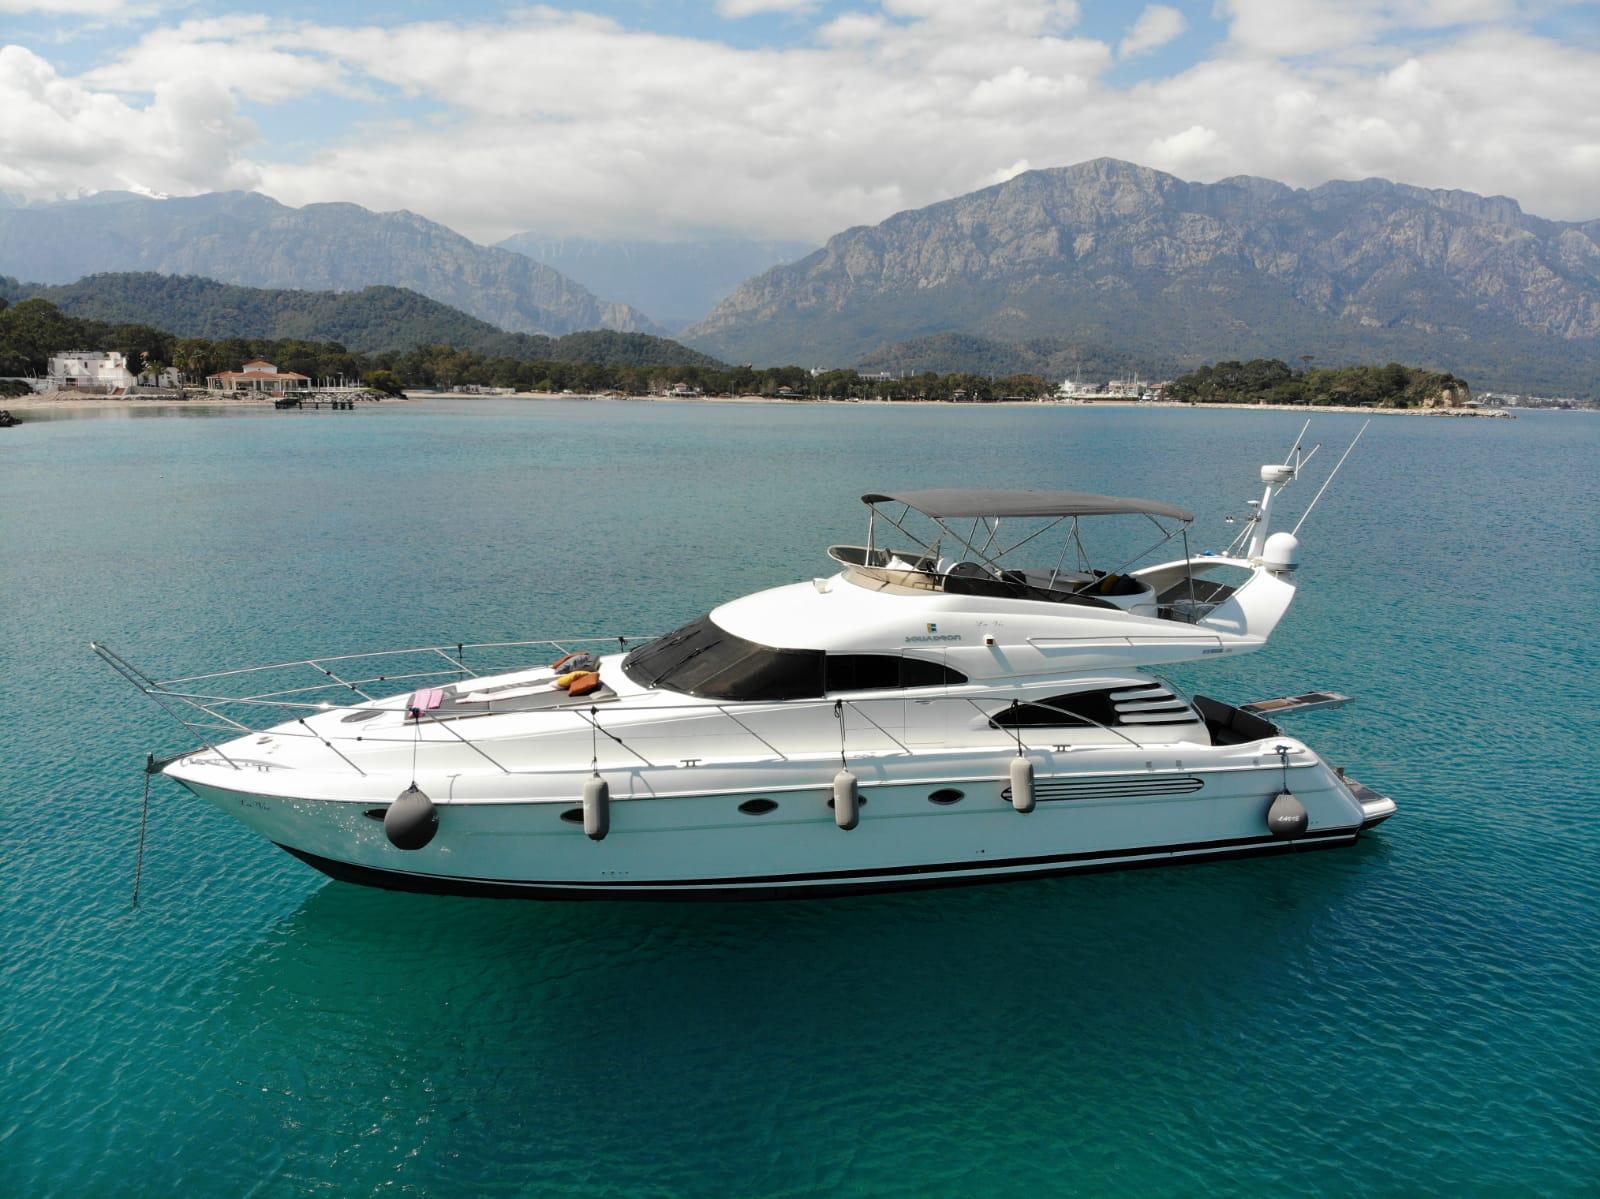 аренда яхты в Турции